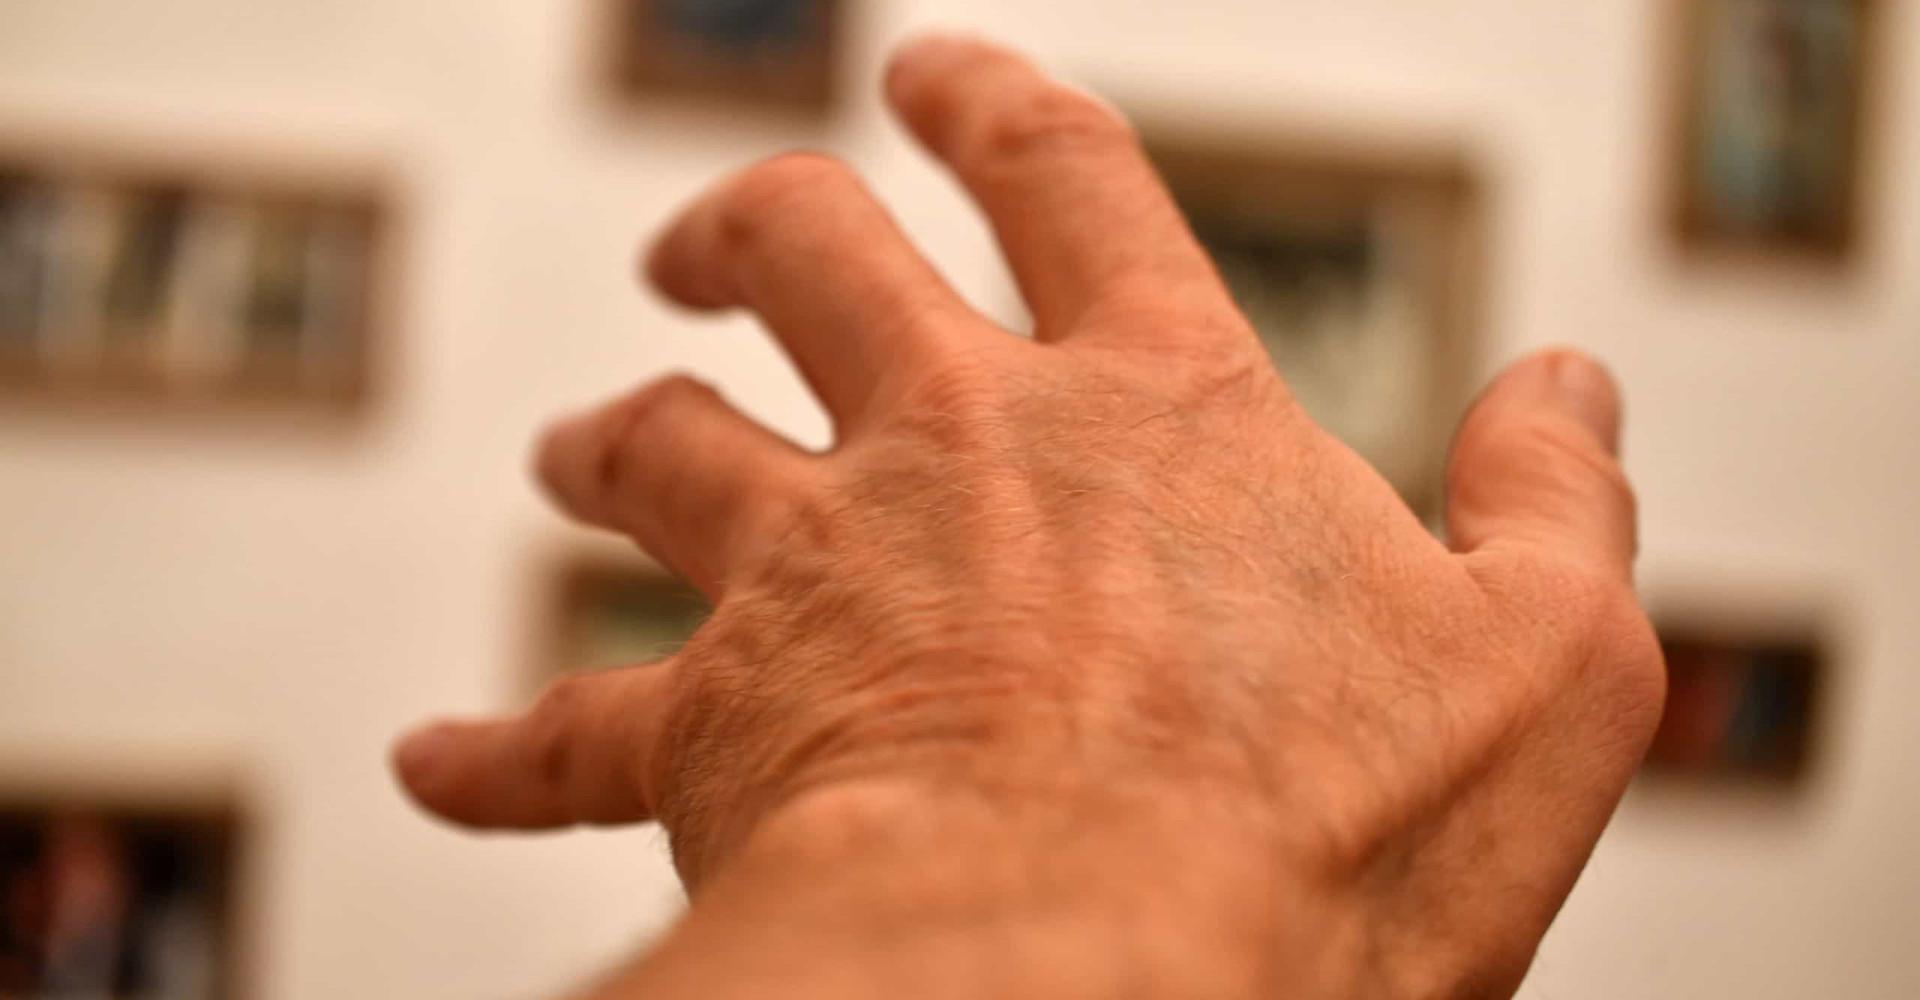 Mal de Parkinson: entenda as causas, os sintomas e como tratar